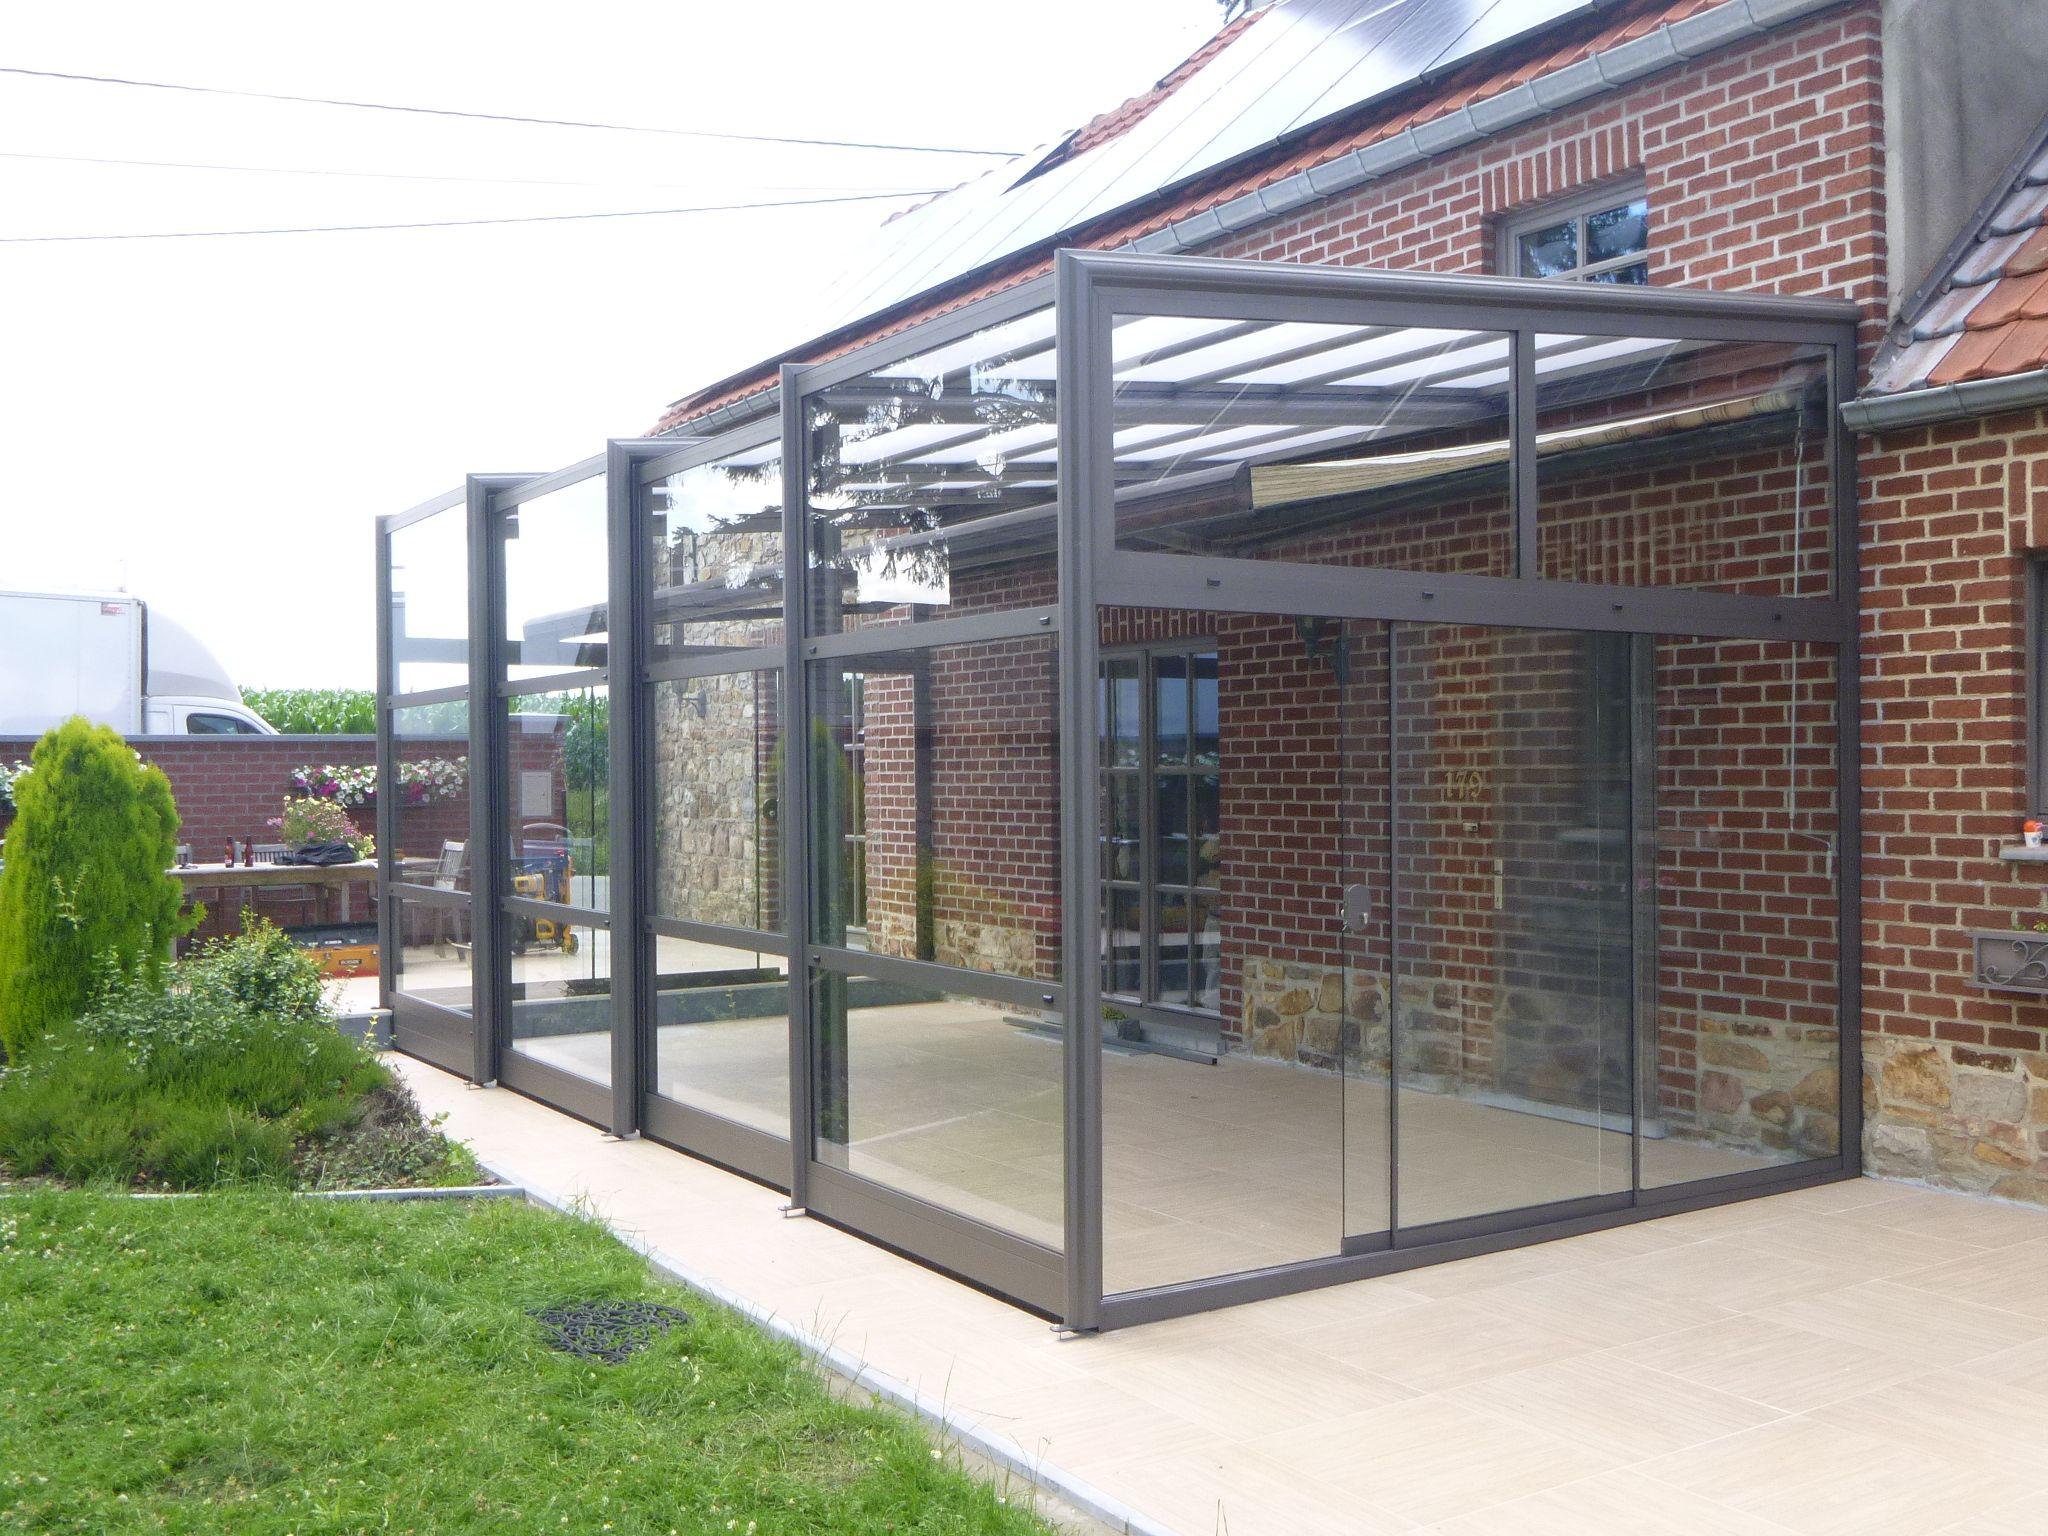 Abri Veranda Pour Spa les abris de terrasse verandair | home improvement, home